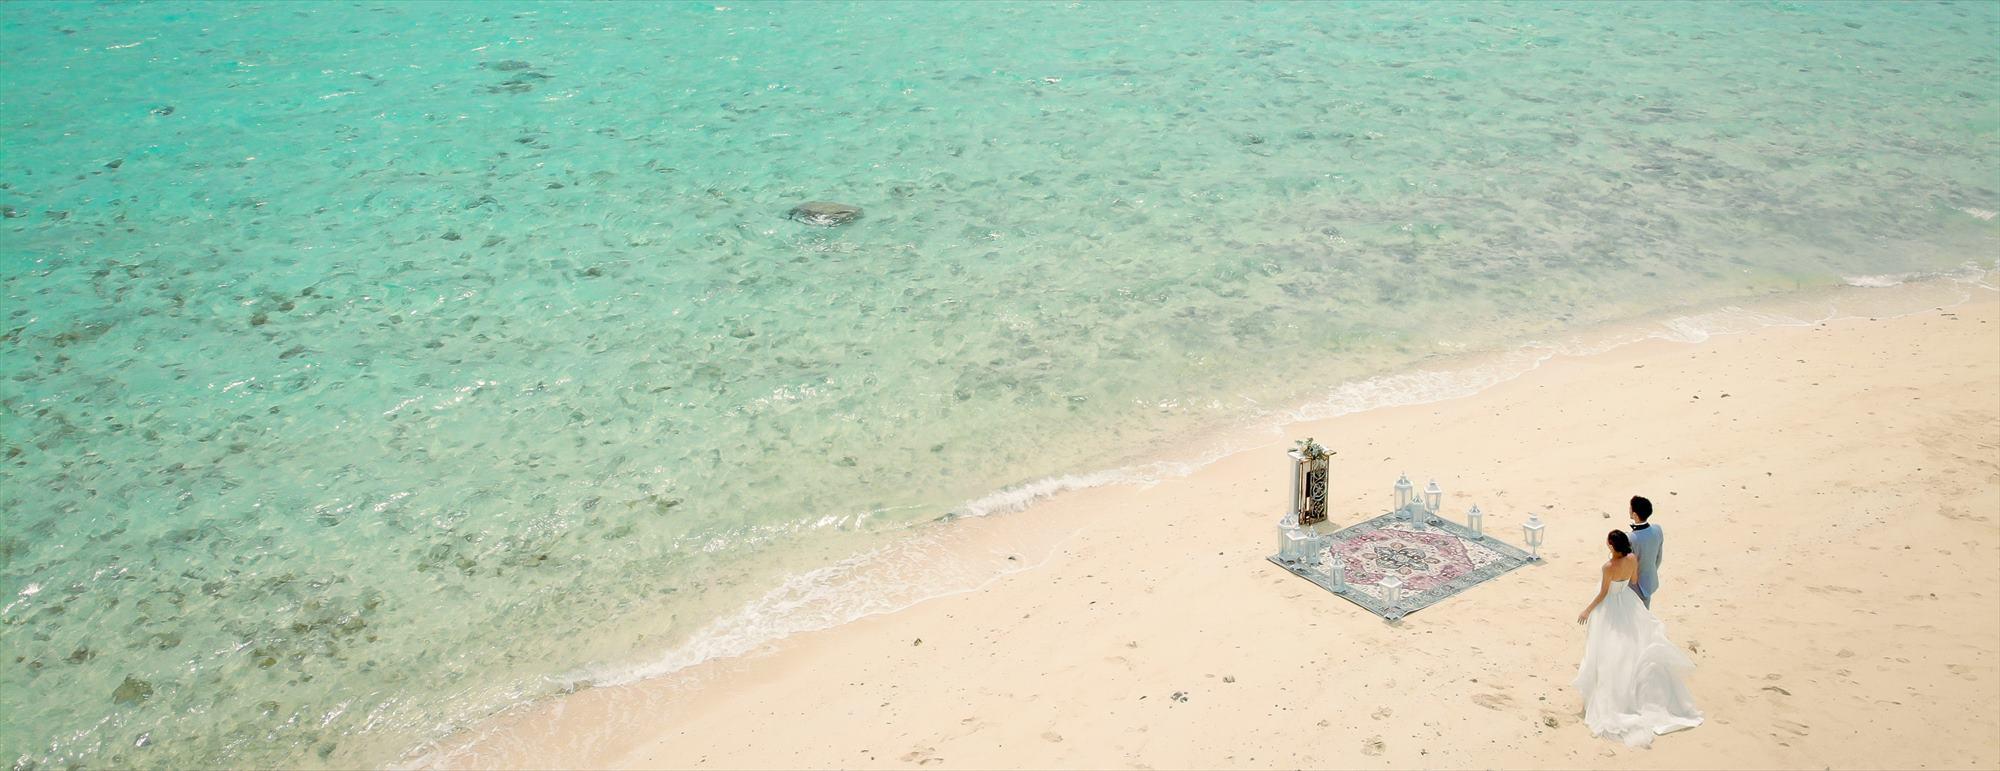 沖縄小浜島近海ビーチ・ウェディング Kohama Phantom Island Okinawa Beach Wedding 幻の島挙式